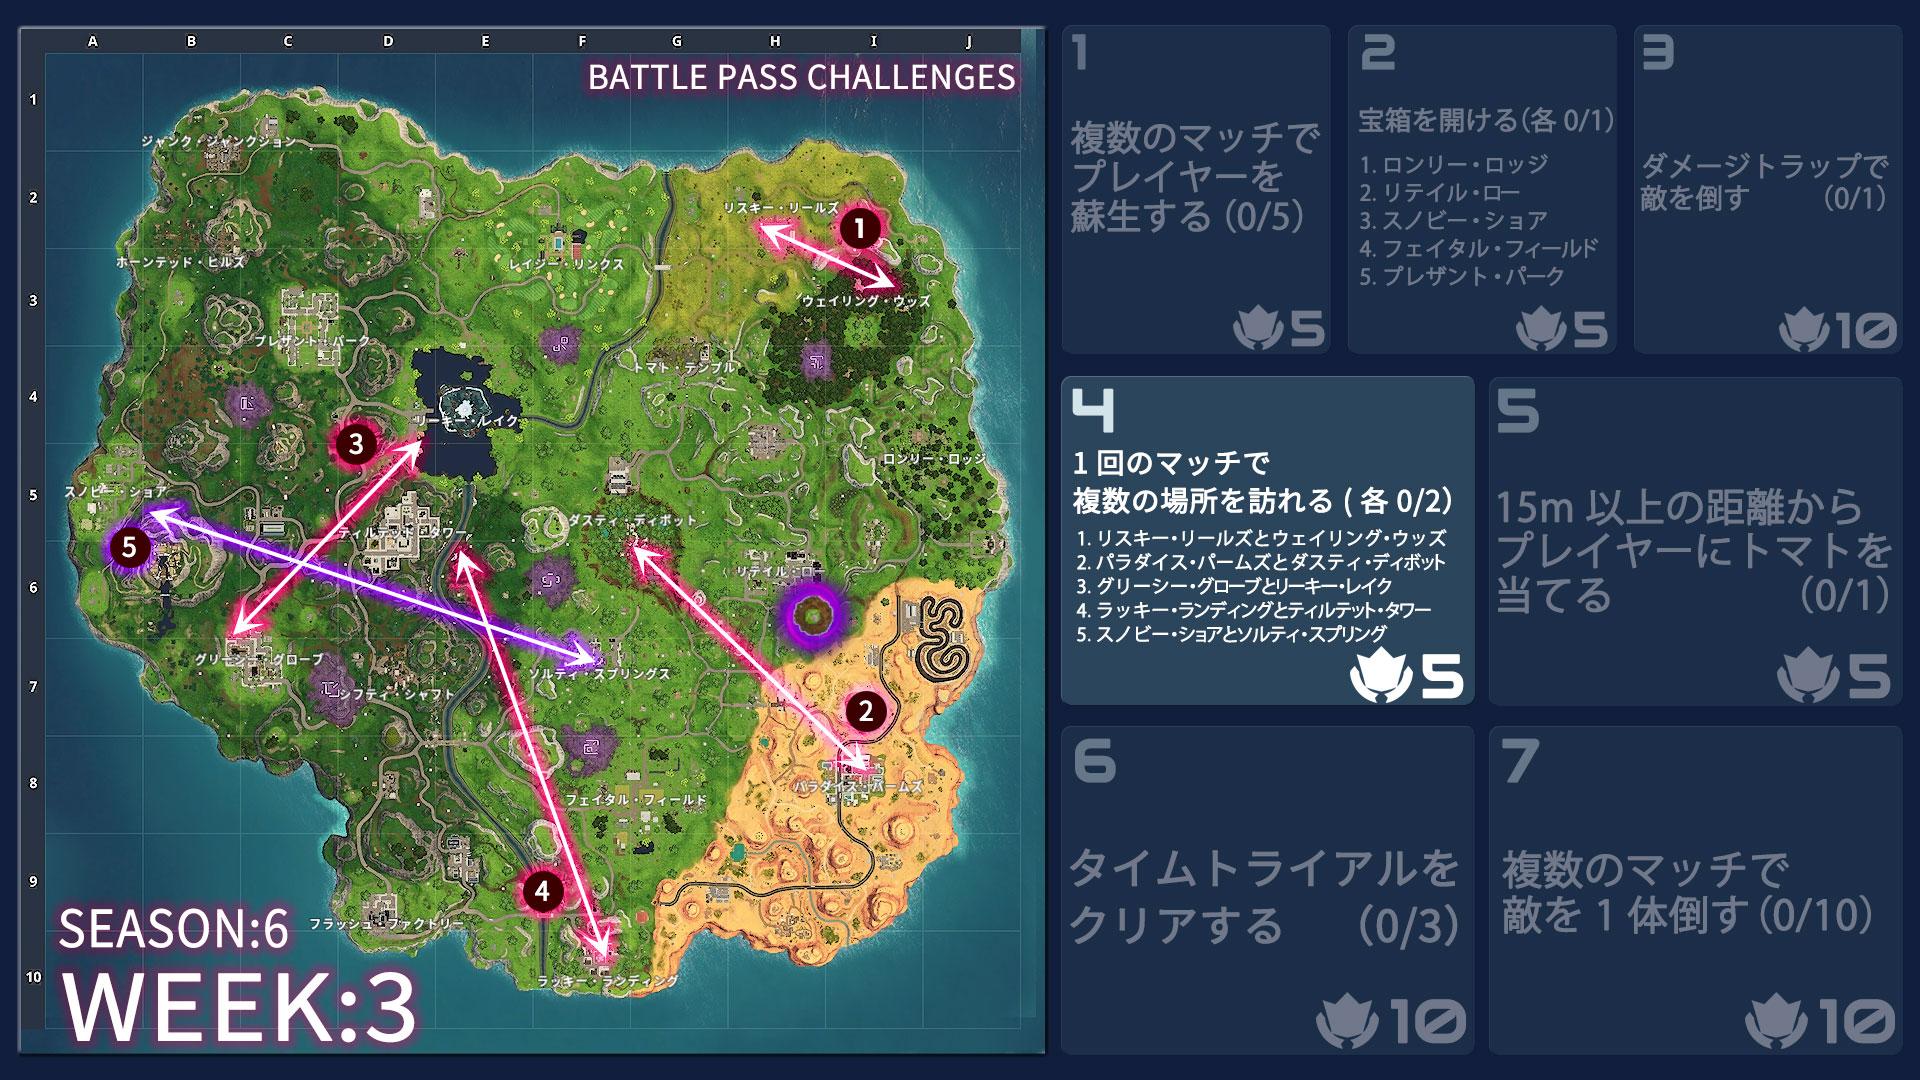 f:id:gamegg:20181012084751j:plain